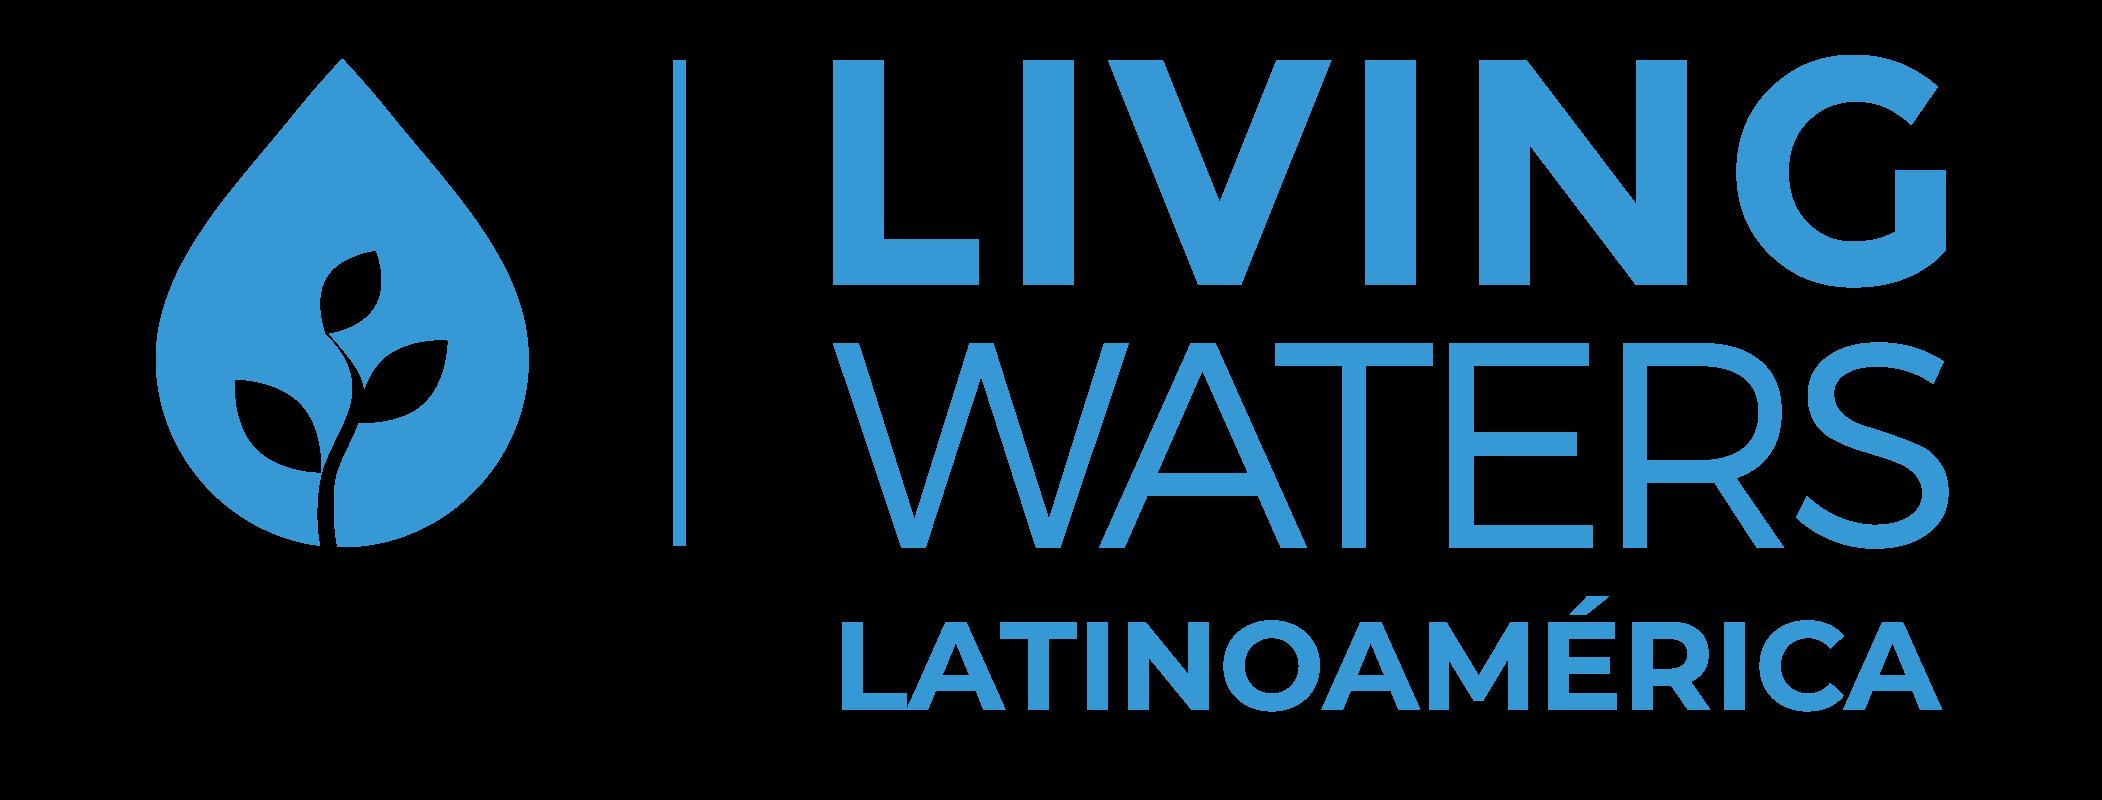 Living Waters Latinamerica | Inspirar. Equipar. Cumplir